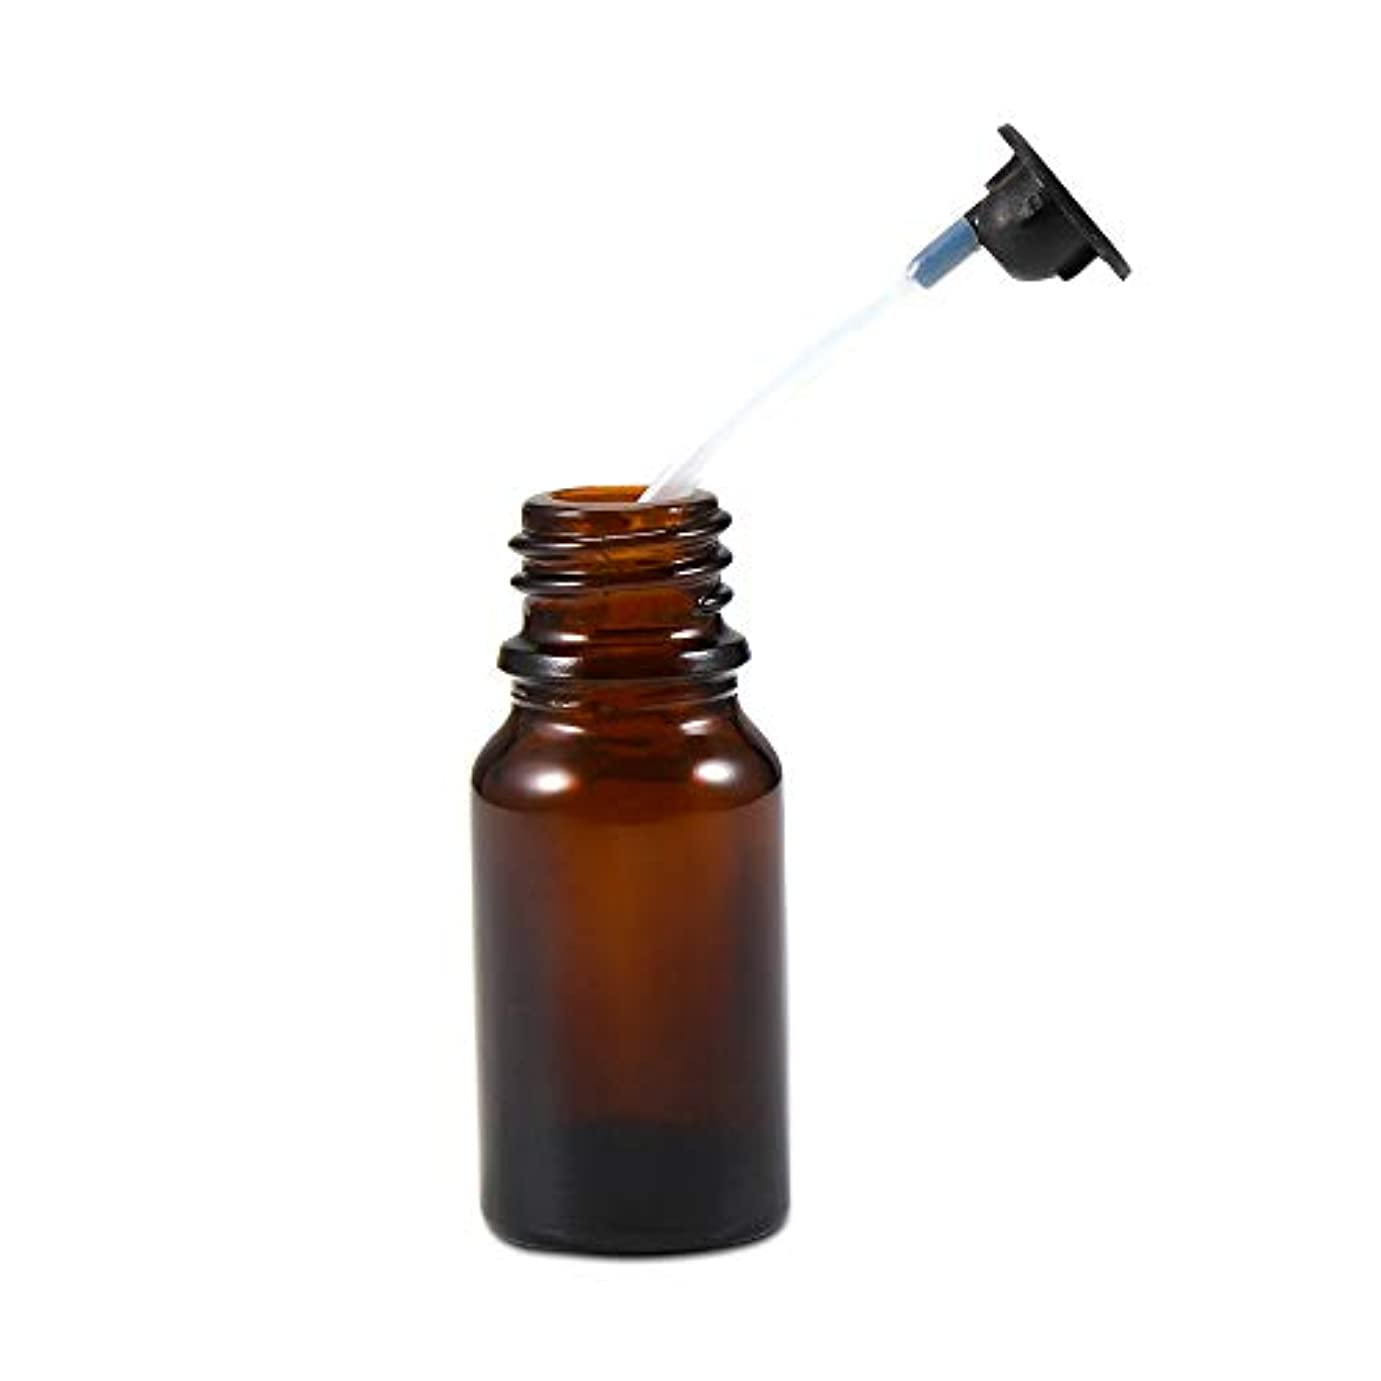 依存磁石恋人Caseceo エッセンシャルオイル ボトルとノズル 交換用 アクセサリー 数量1